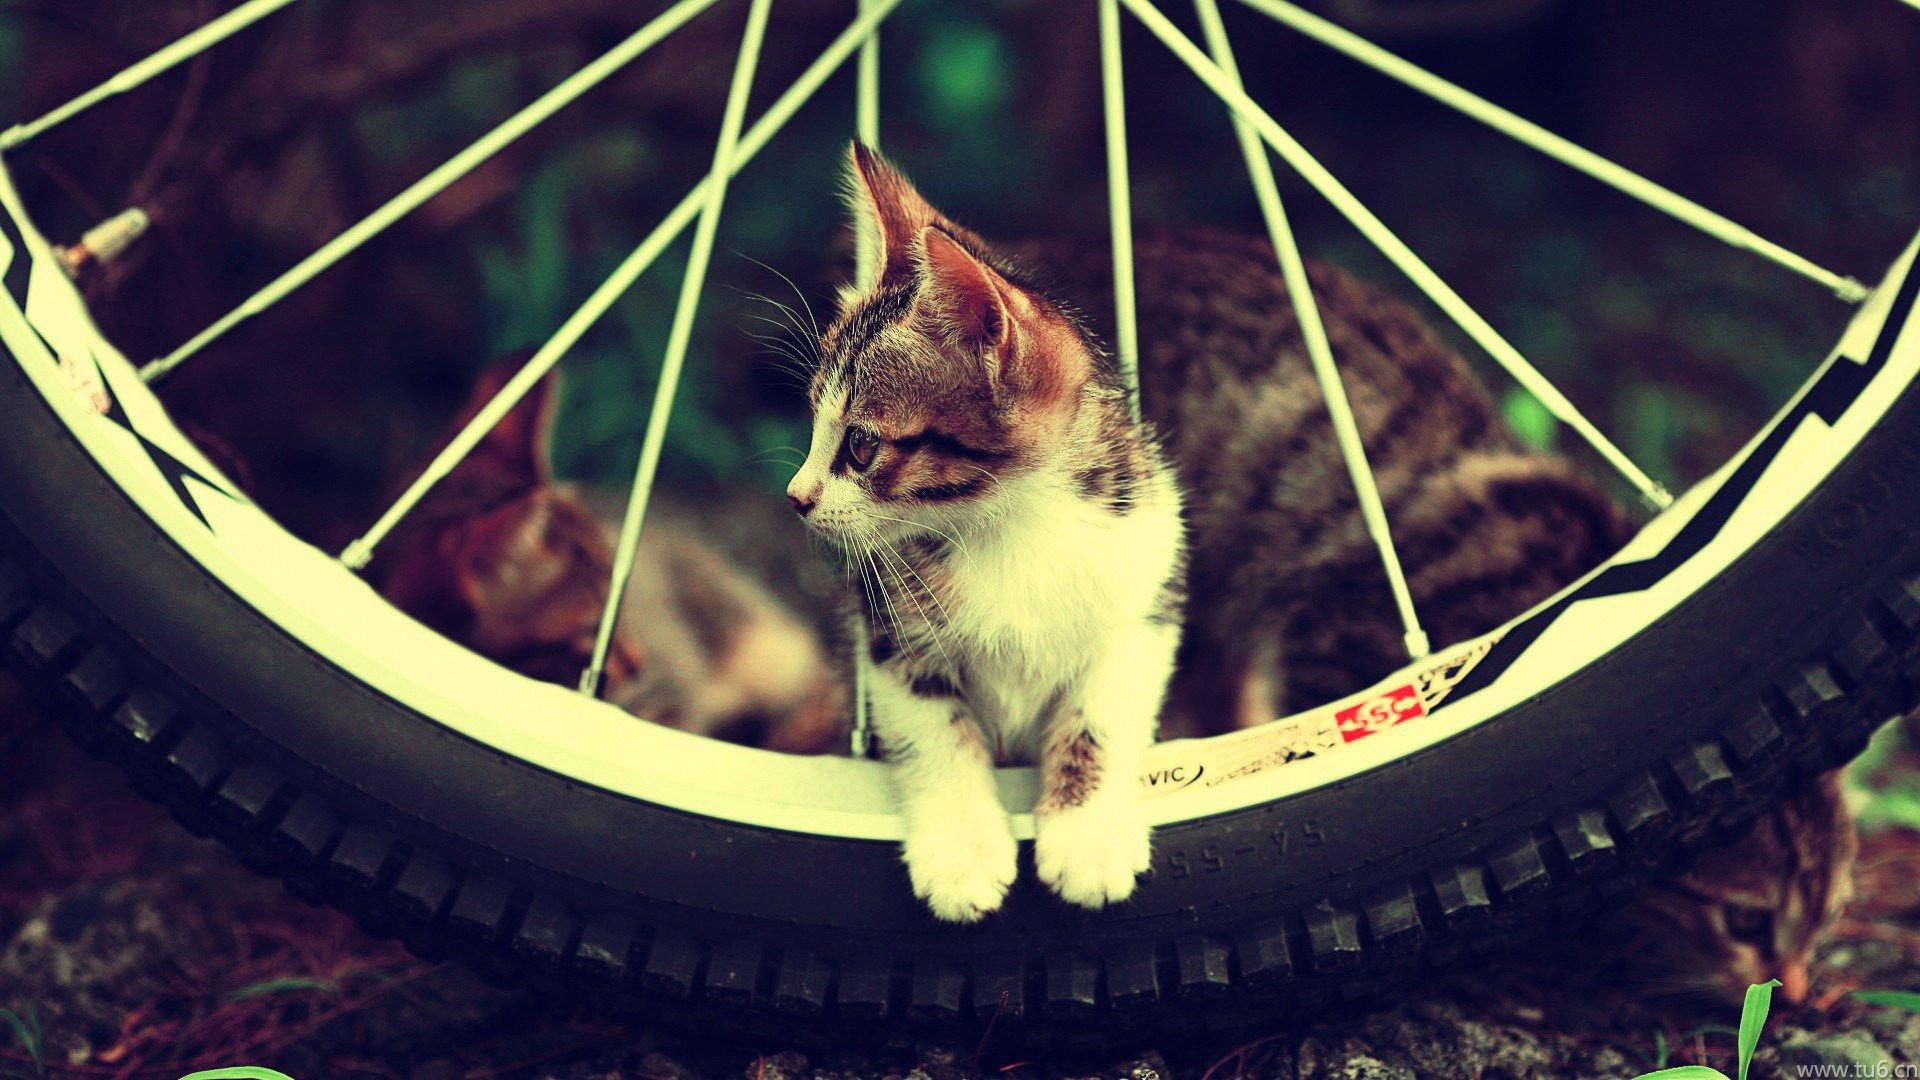 >> 文章内容 >> 卖萌可爱的猫咪壁纸  求卖萌的符号表情答:(•&